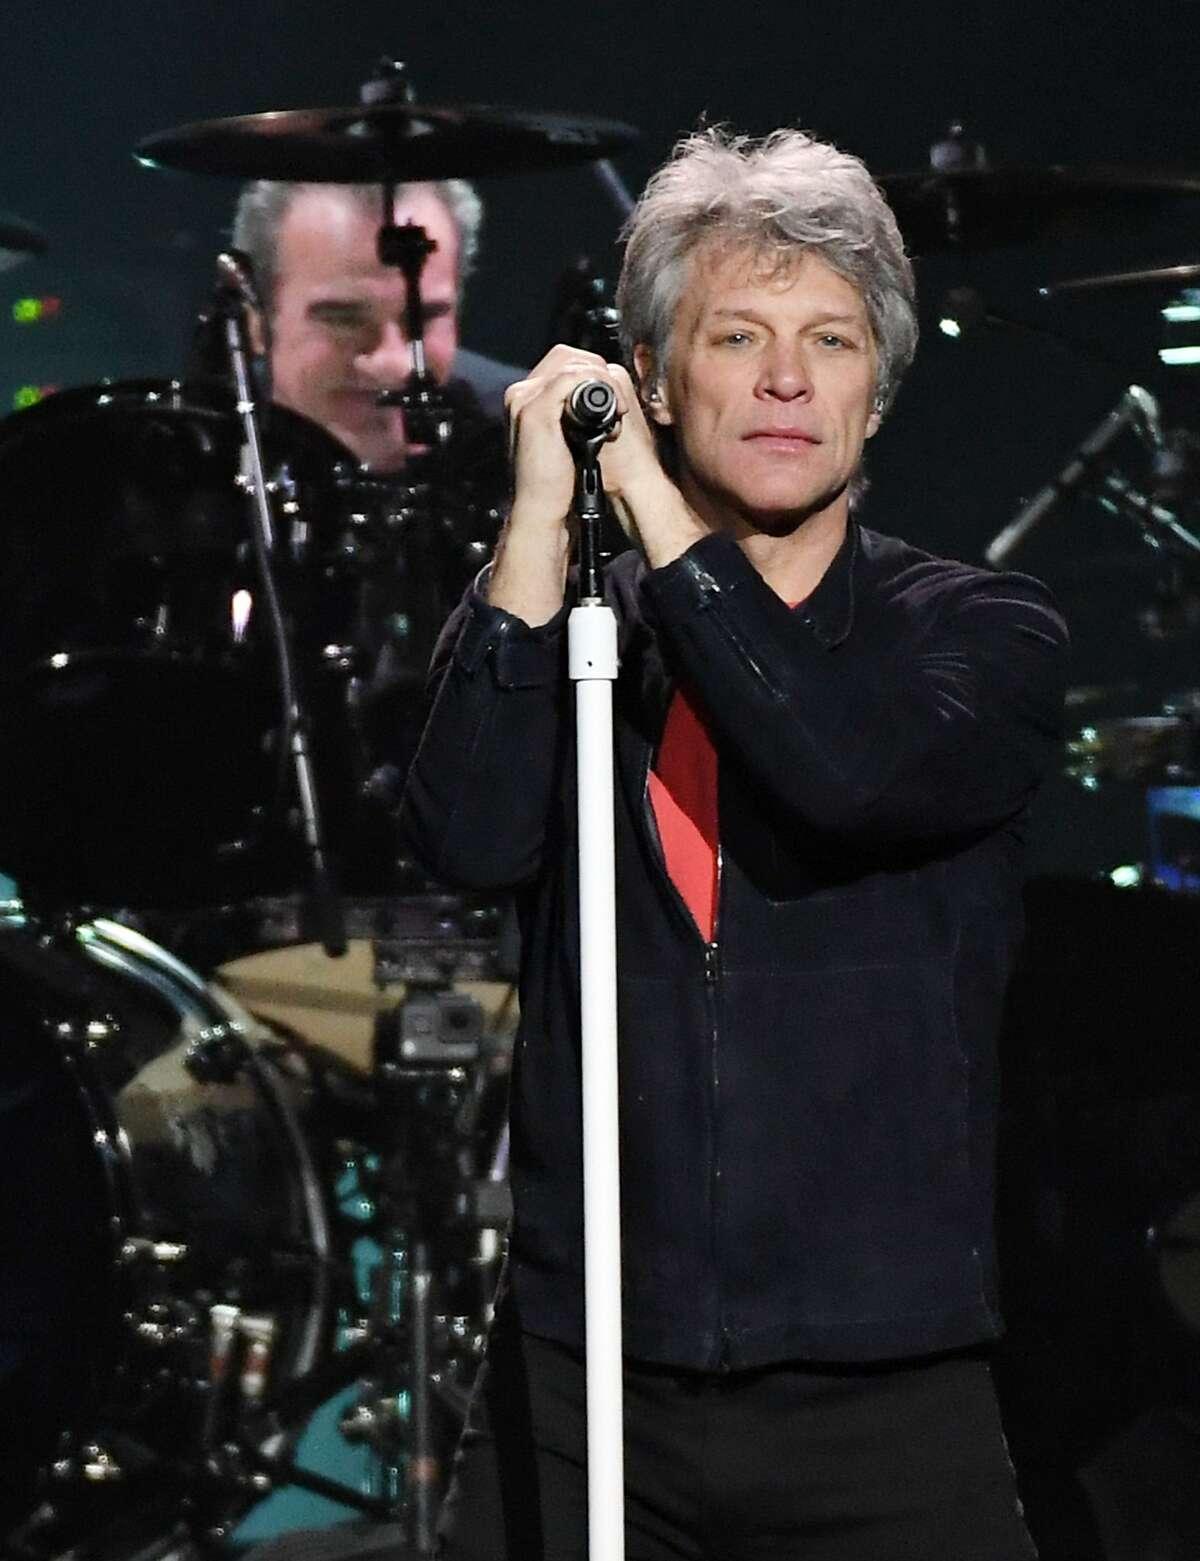 50. Bon Jovi- 34.5 million units